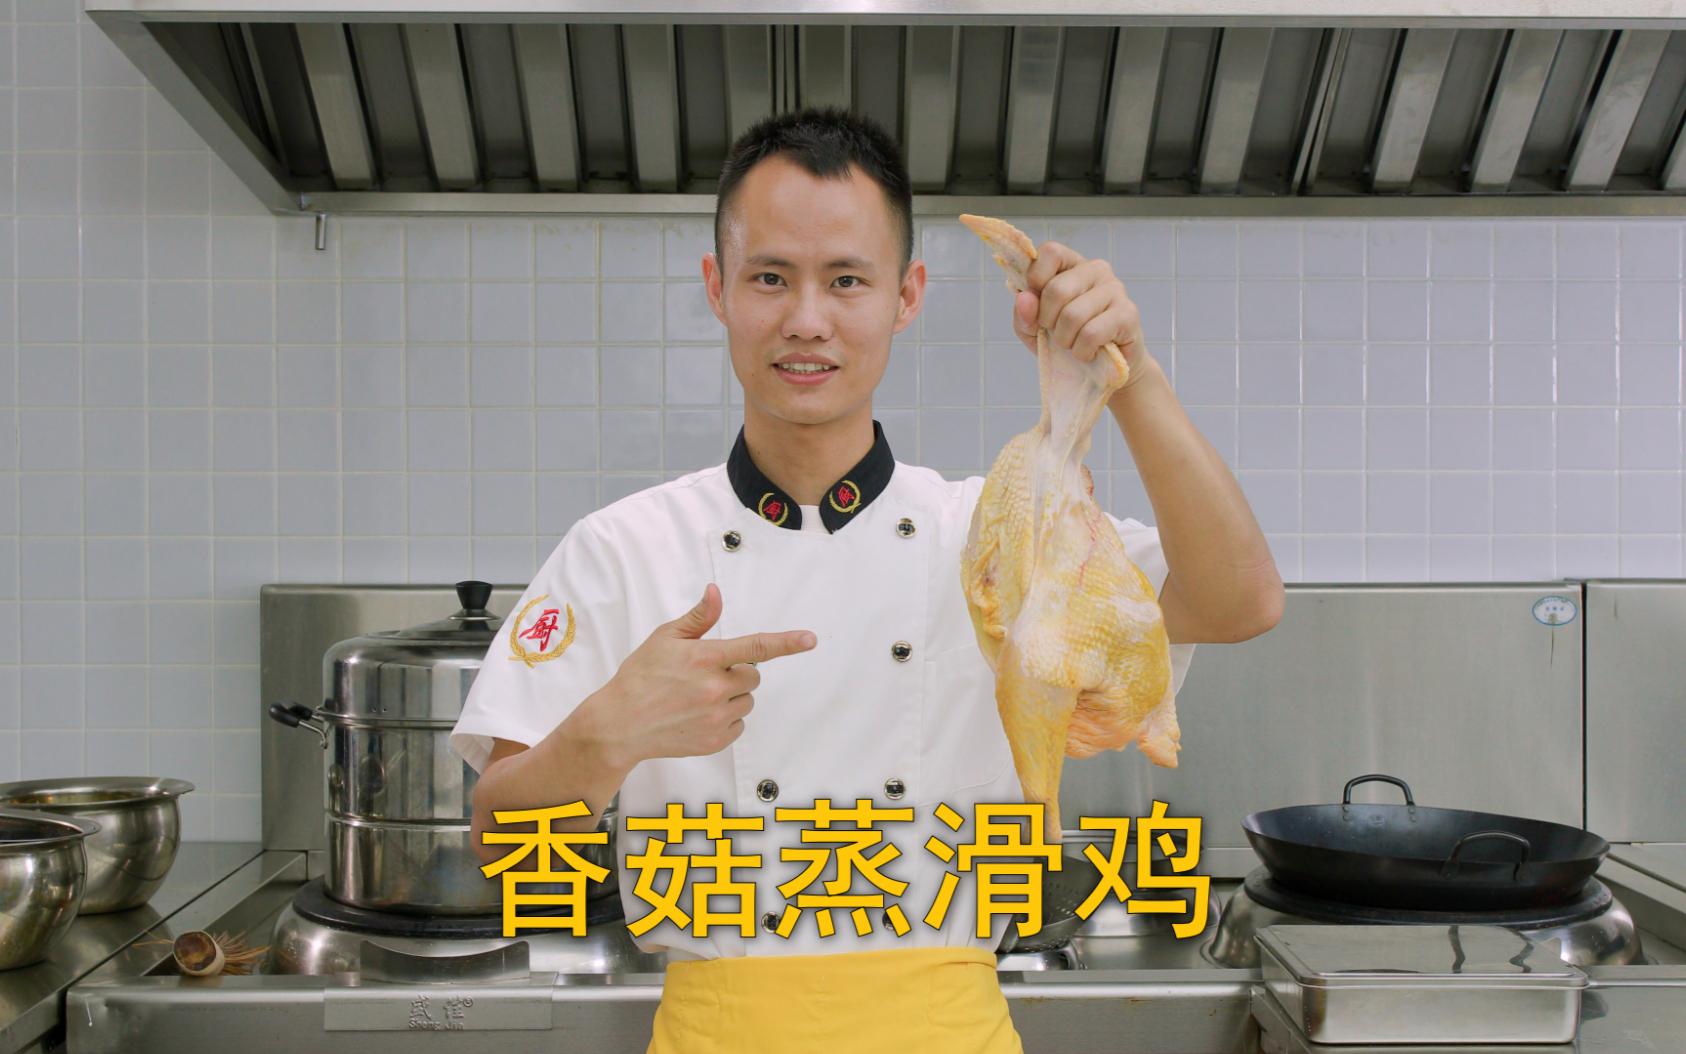 """厨师长教你:""""香菇蒸滑鸡""""的家常做法,鲜香嫩滑,营养美味"""